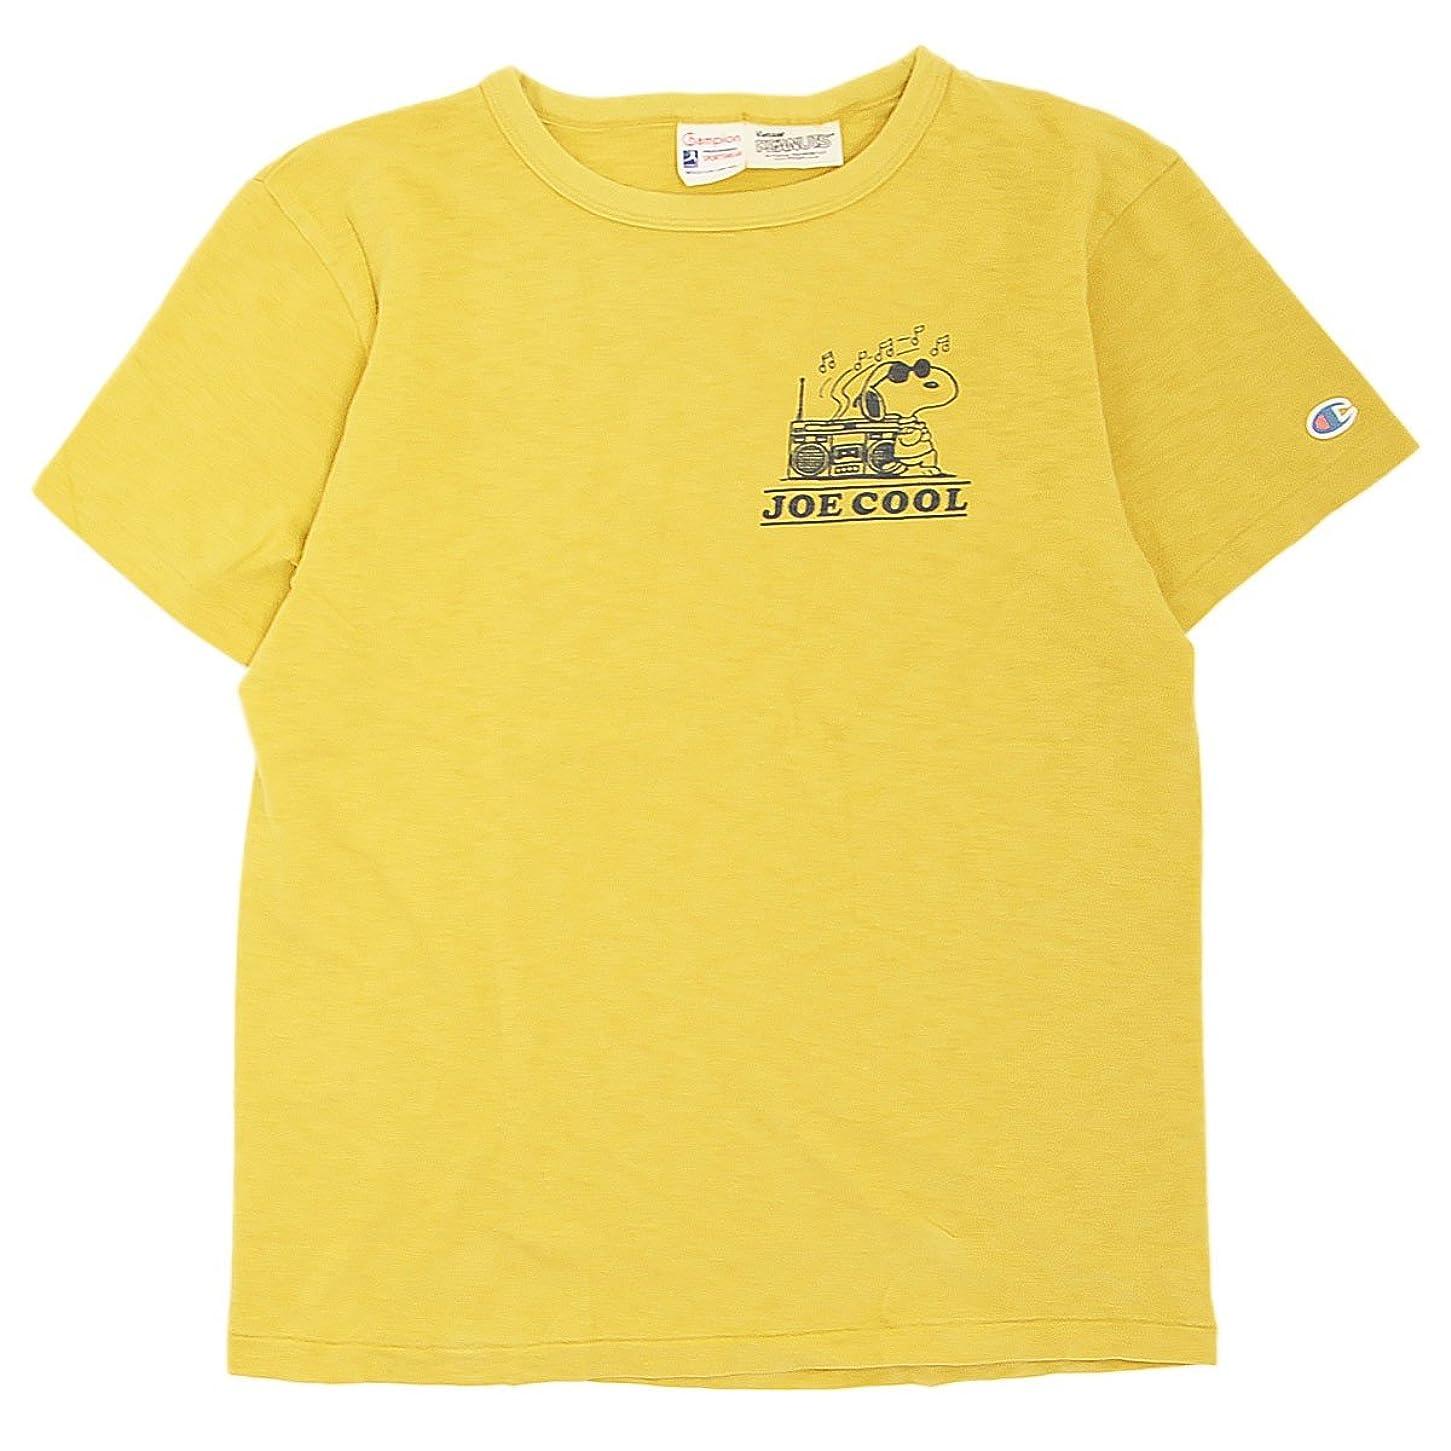 栄光の市の中心部秘書(チャンピオン) Champion ROCHESTER x Vintage PEANUTS スヌーピーTシャツ コラボ 国内正規品 レトロイエロー C9-M303-573